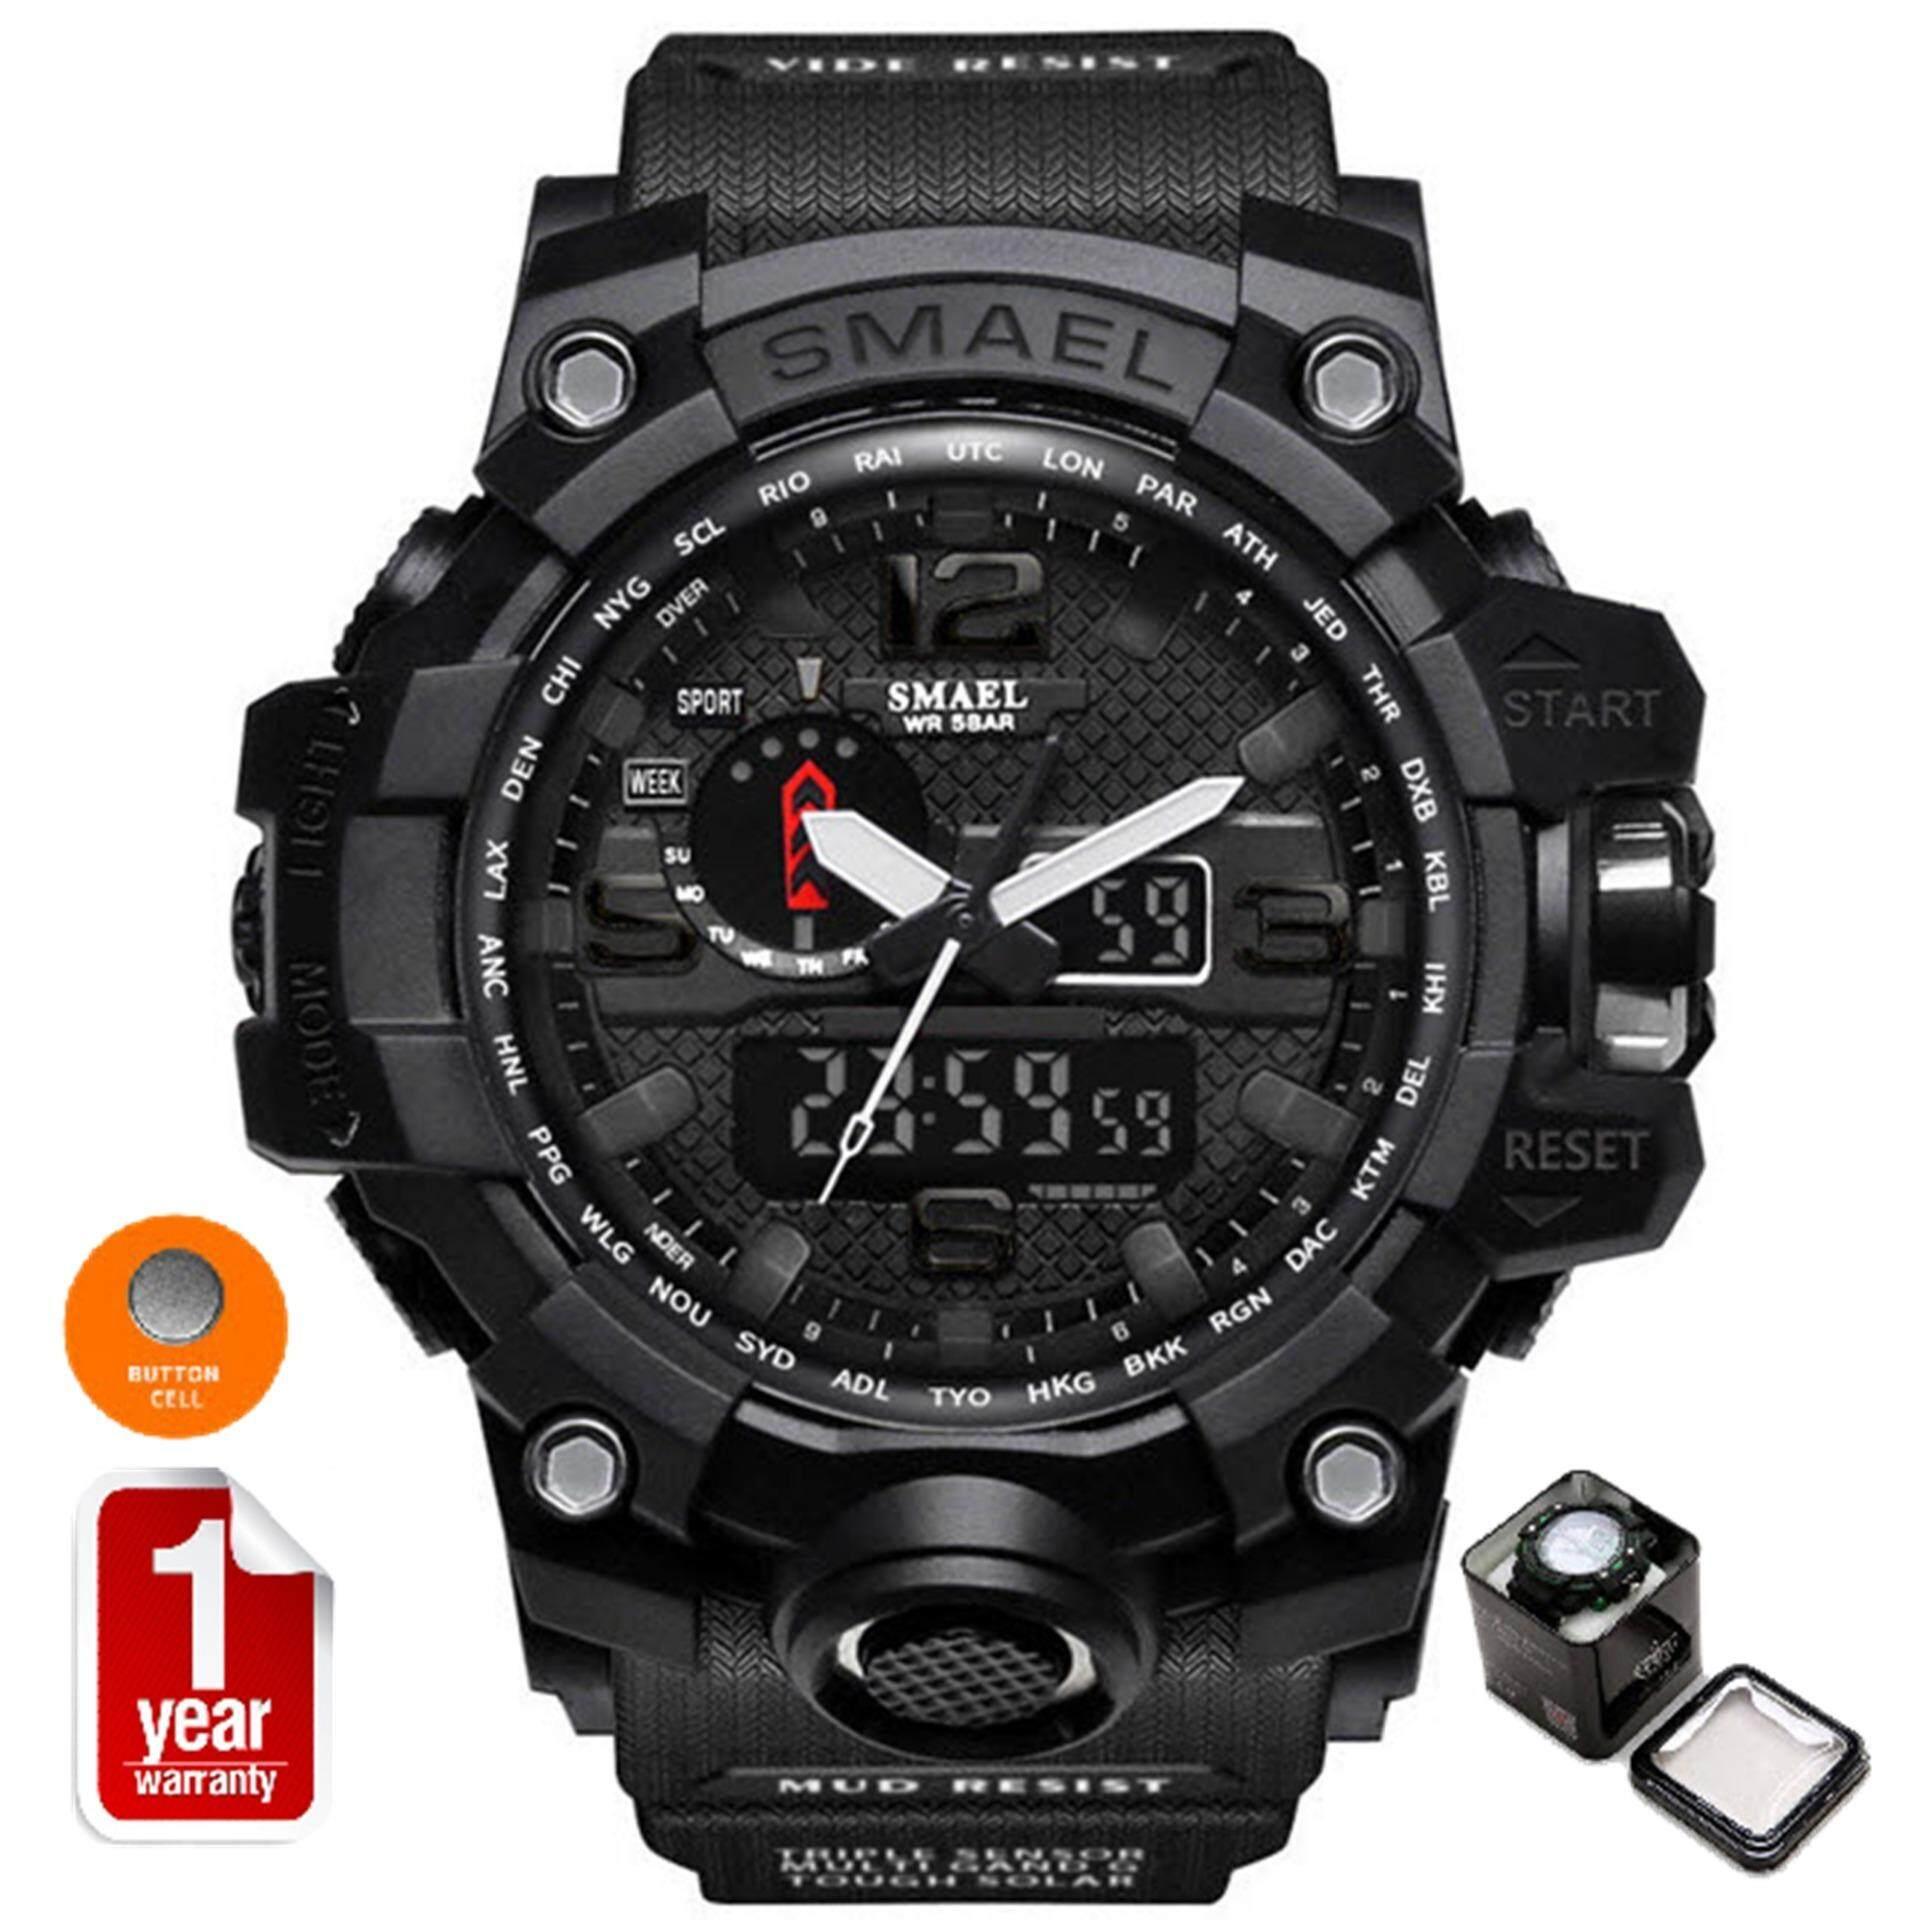 โปรโมชั่น Smael นาฬิกาข้อมือผู้ชาย Sport Digital Led รุ่น Sm1545 Black Smael ใหม่ล่าสุด